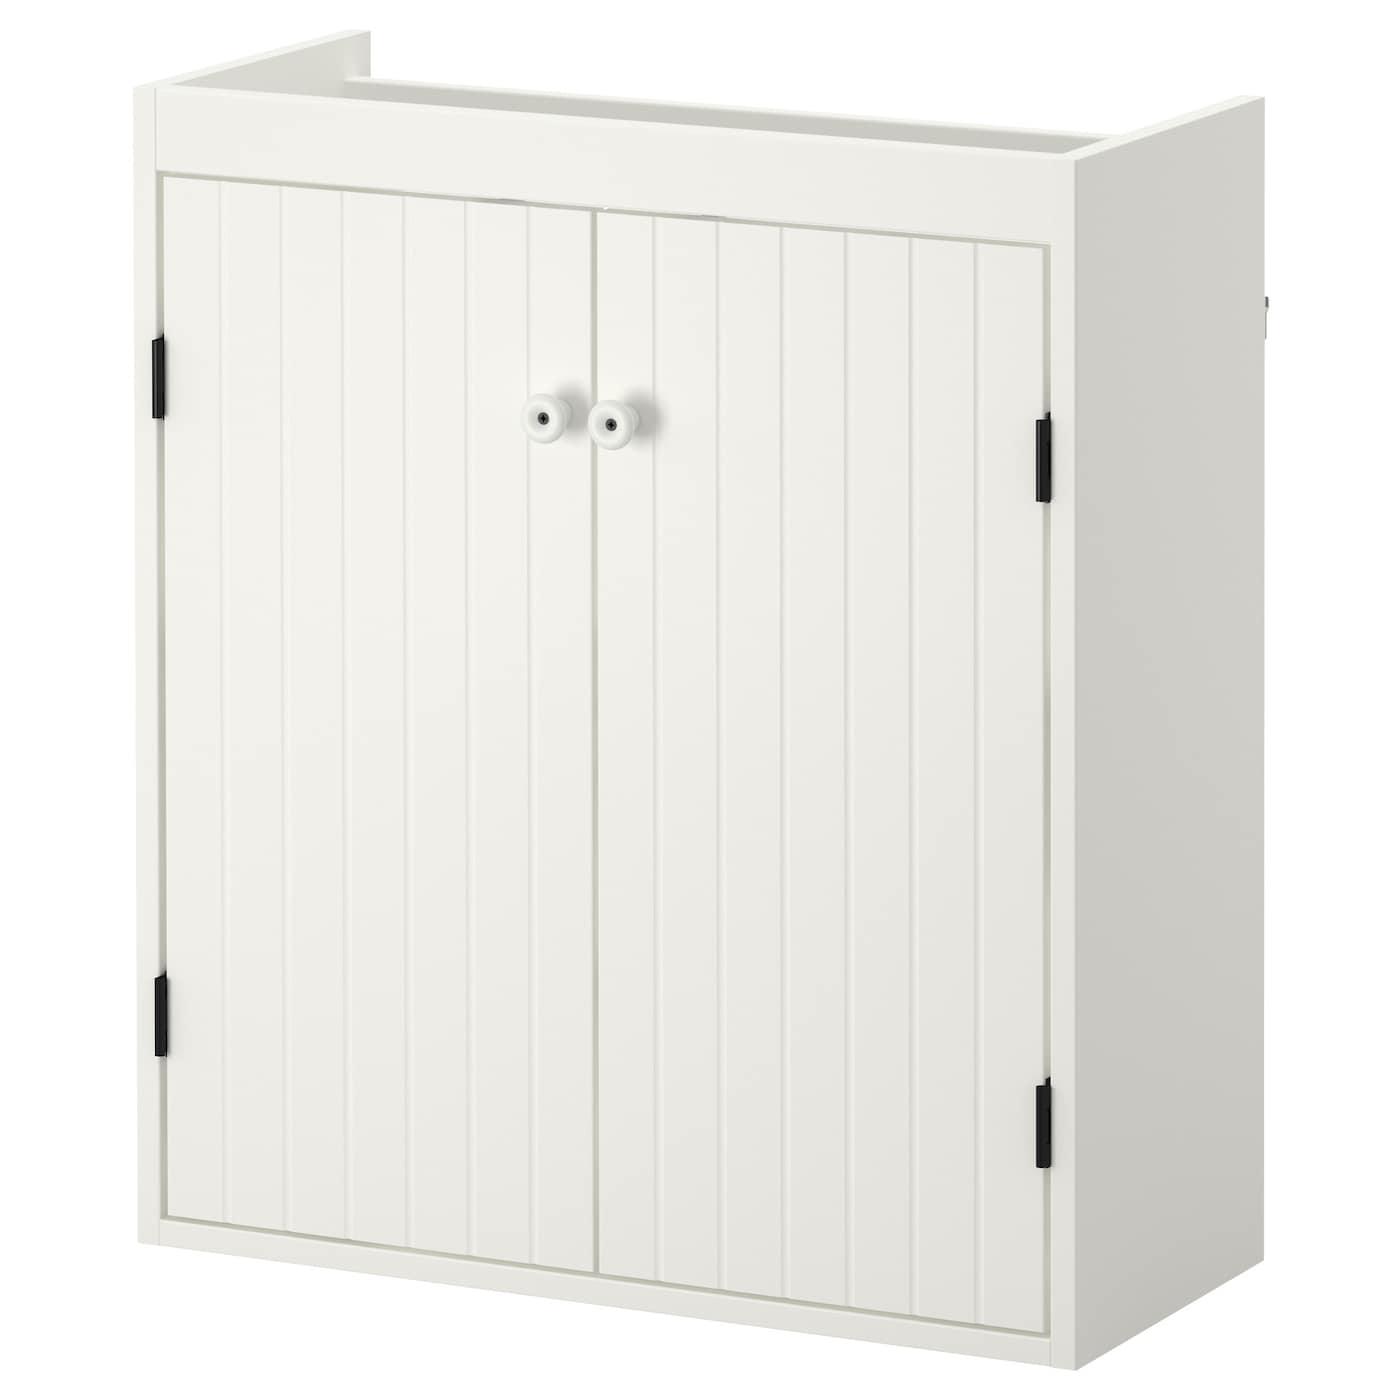 IKEA SILVERÅN biała szafka pod umywalkę z parą drzwi, 60x25x68 cm